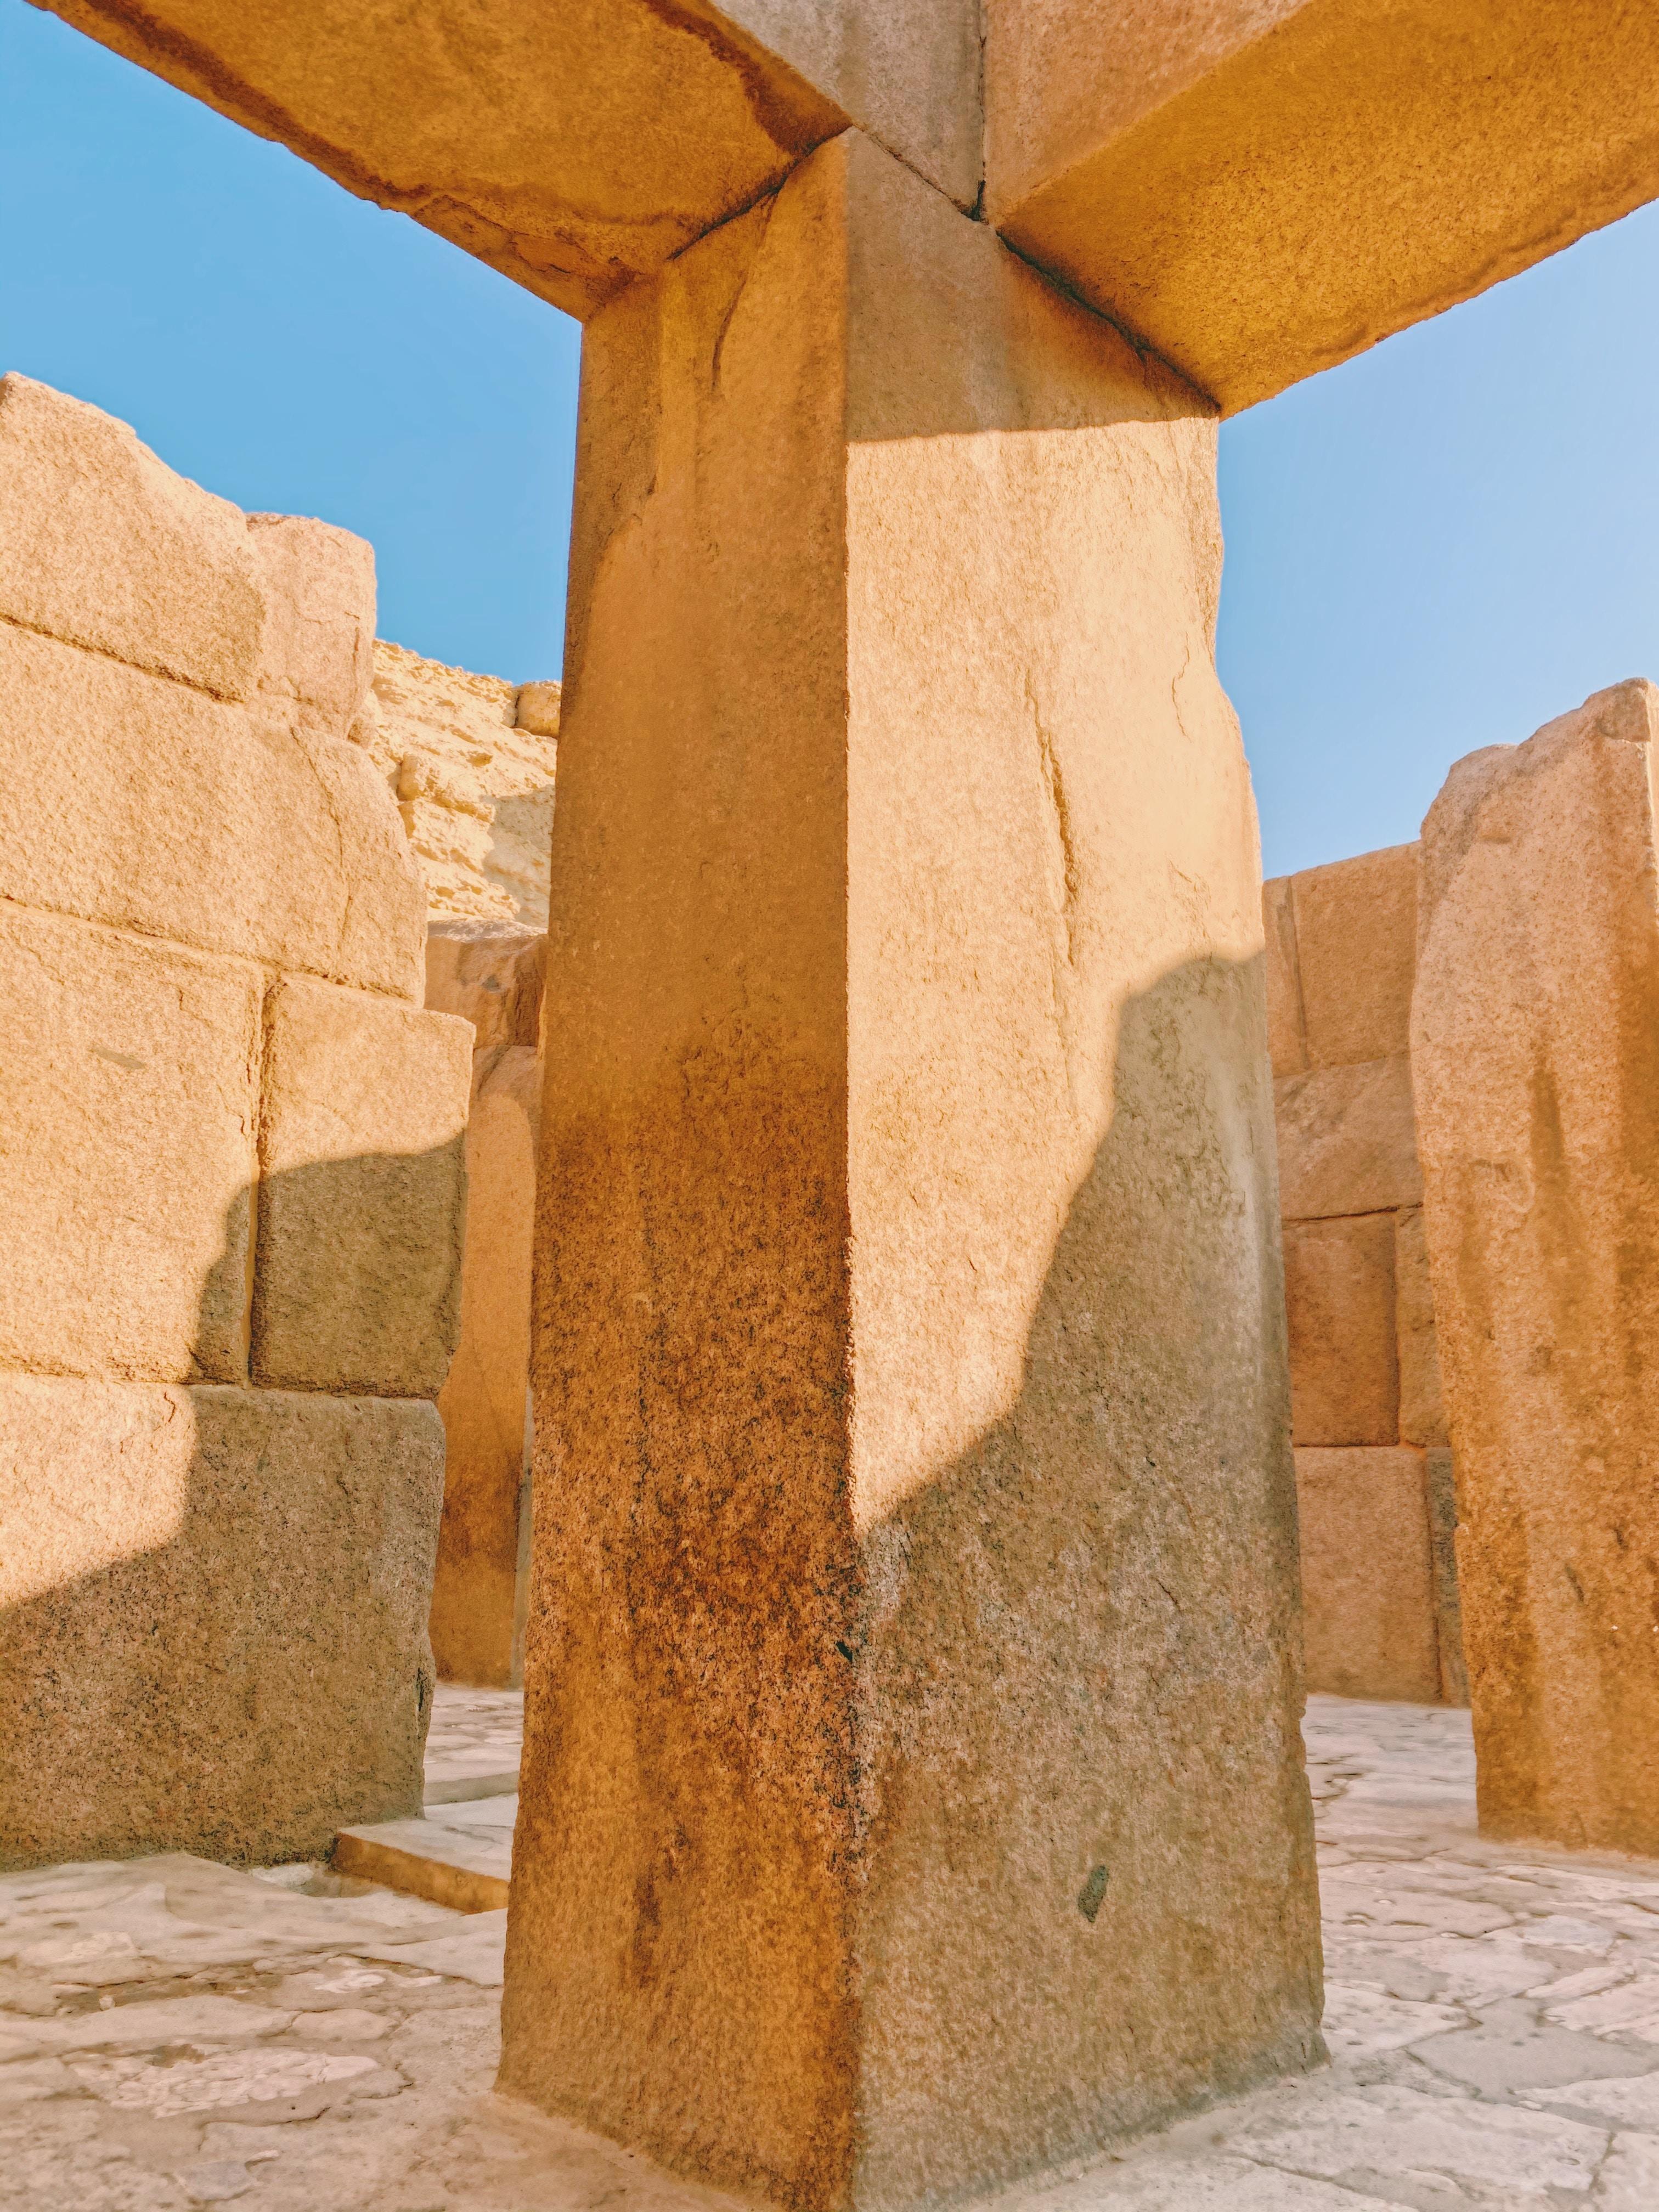 Східчаста піраміда в Сакарі, Єгипет